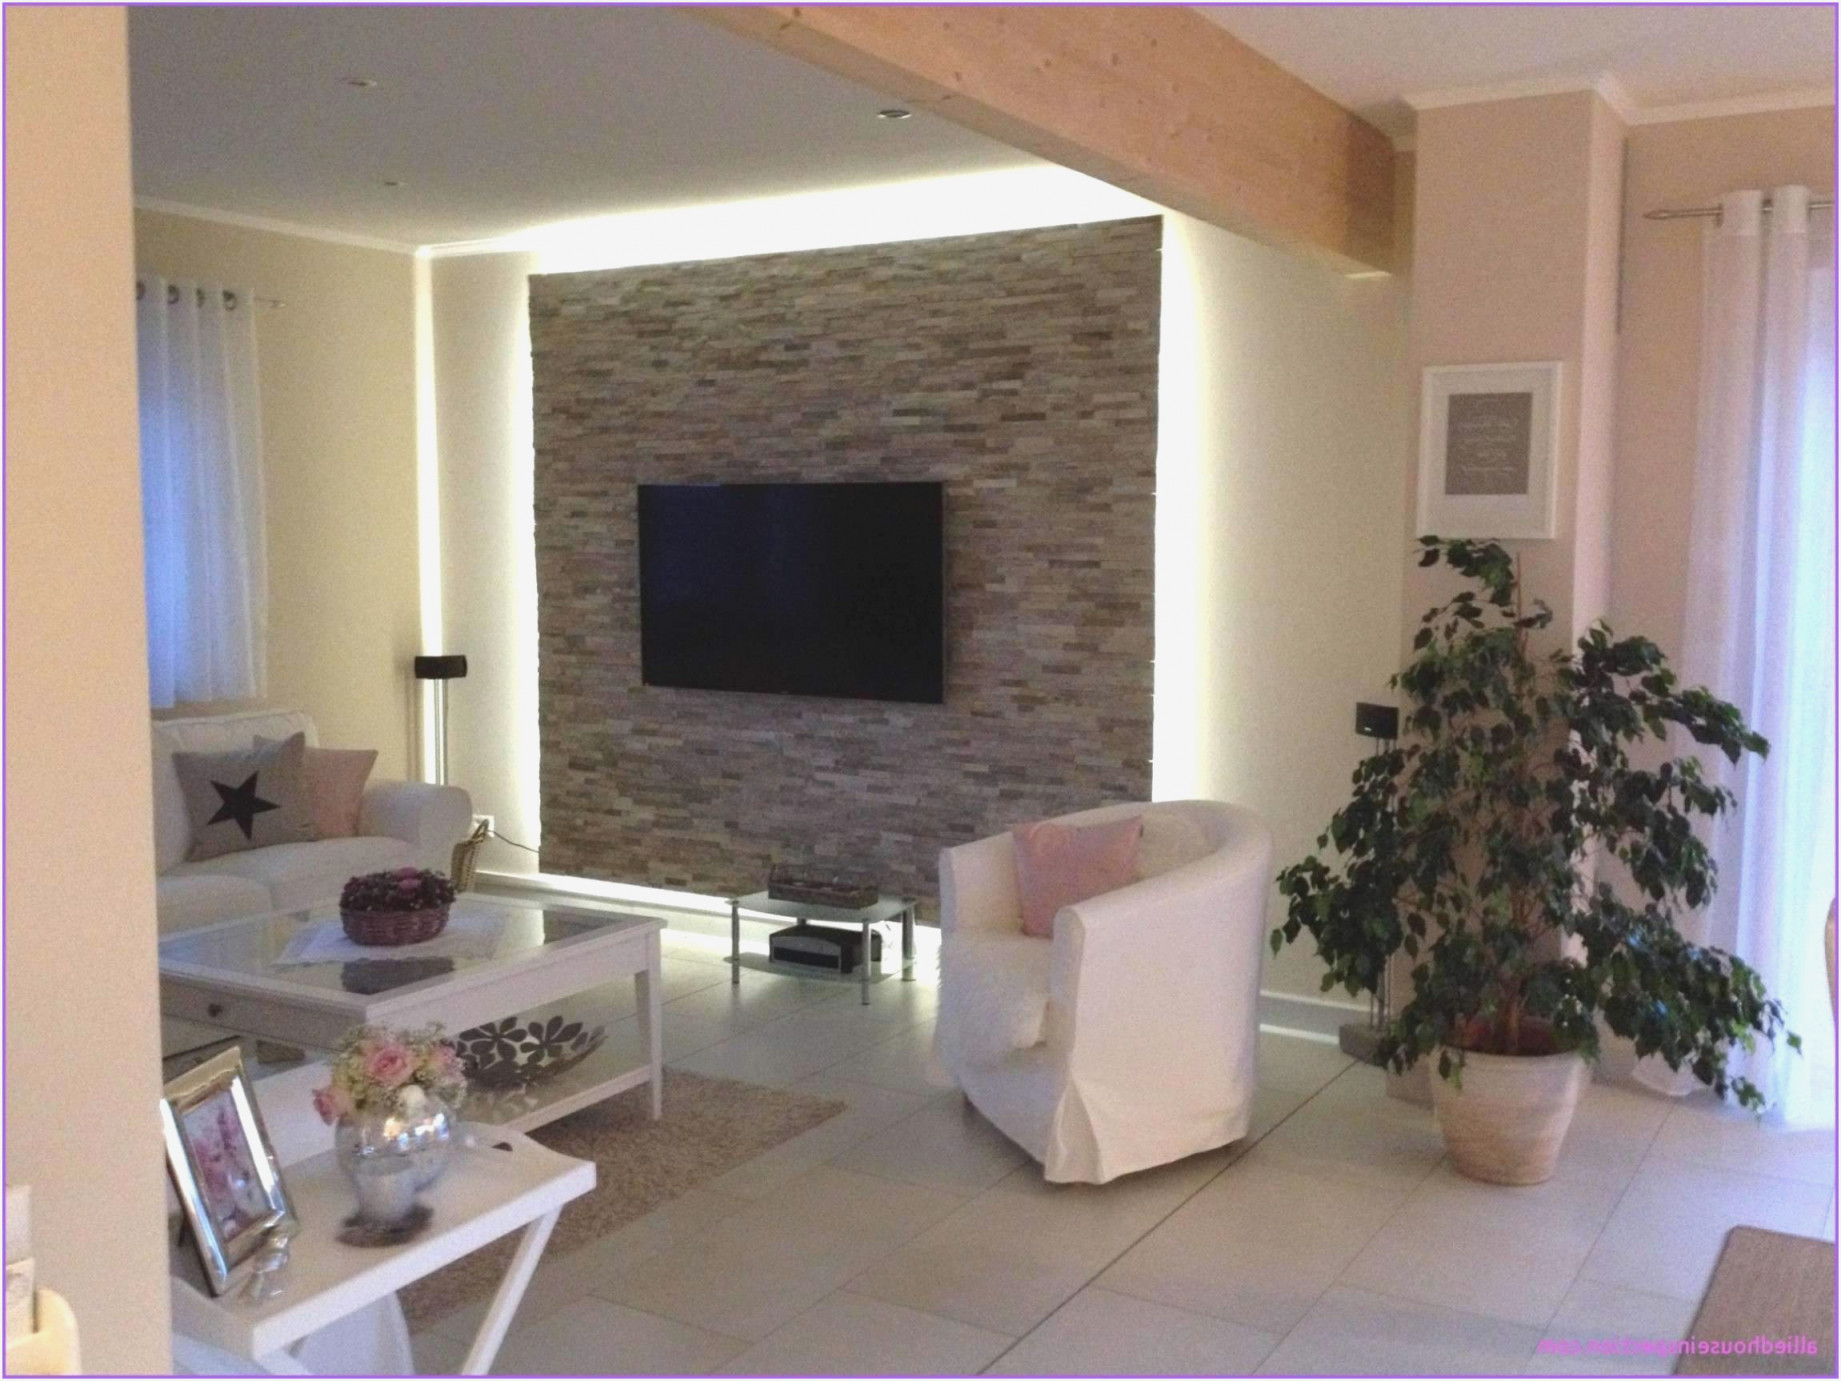 Elegante Wohnzimmer Tapeten Ideen  Wohnzimmer  Traumhaus von Elegante Tapeten Wohnzimmer Bild